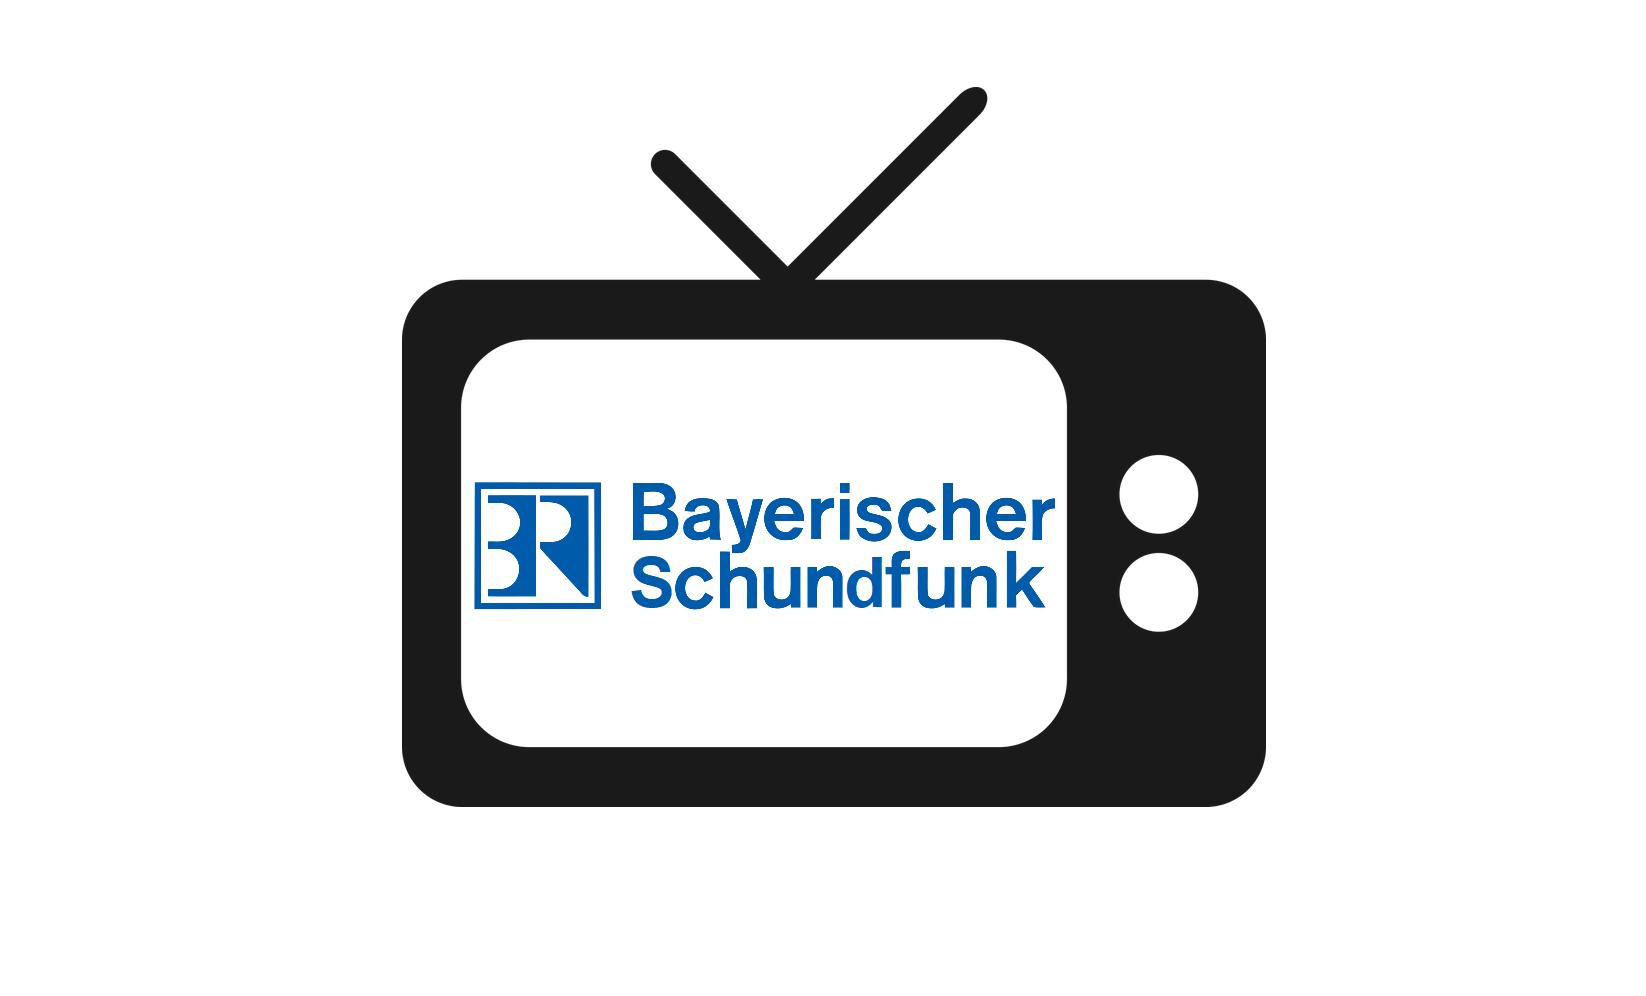 Puls Bayerischer Rundfunk